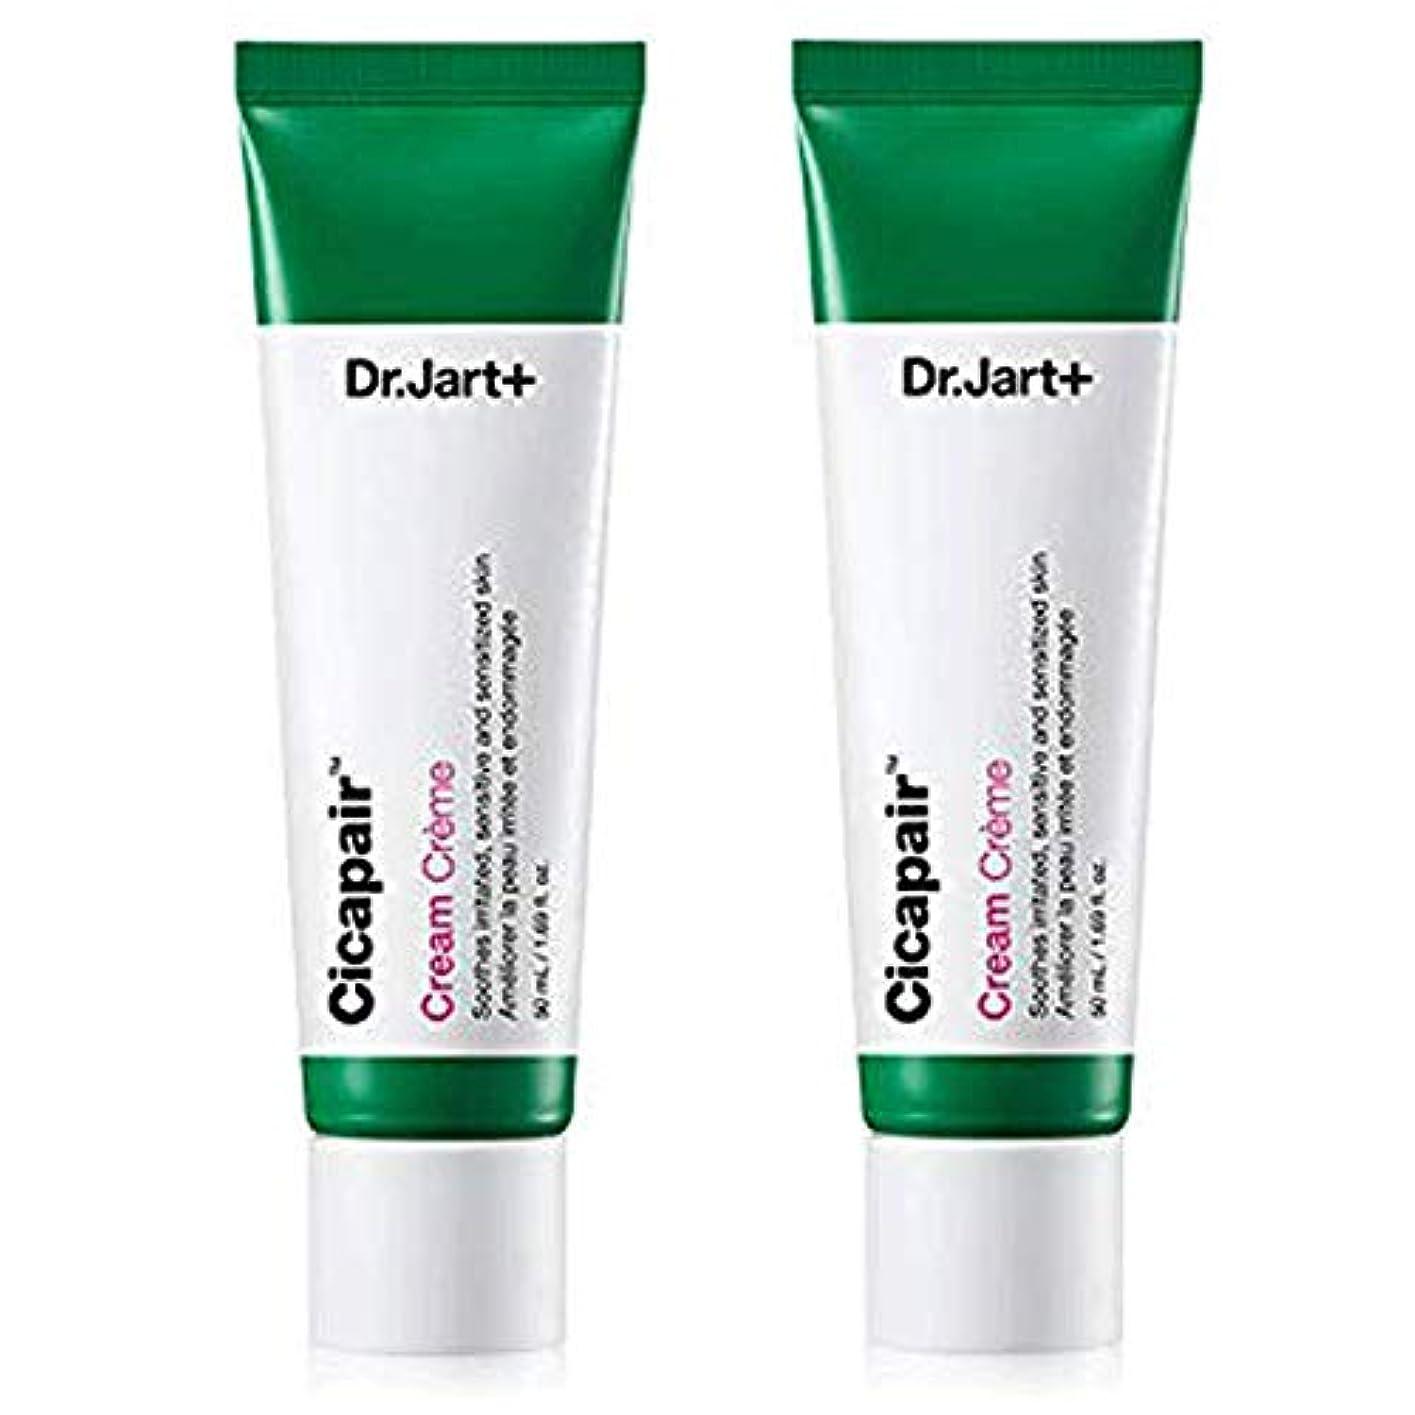 廃止する評価可能記念Dr.Jart+ Cicapair Cream 50ml x 2 ドクタージャルト シカ ペア クリーム 50ml x 2(2代目) [並行輸入品]